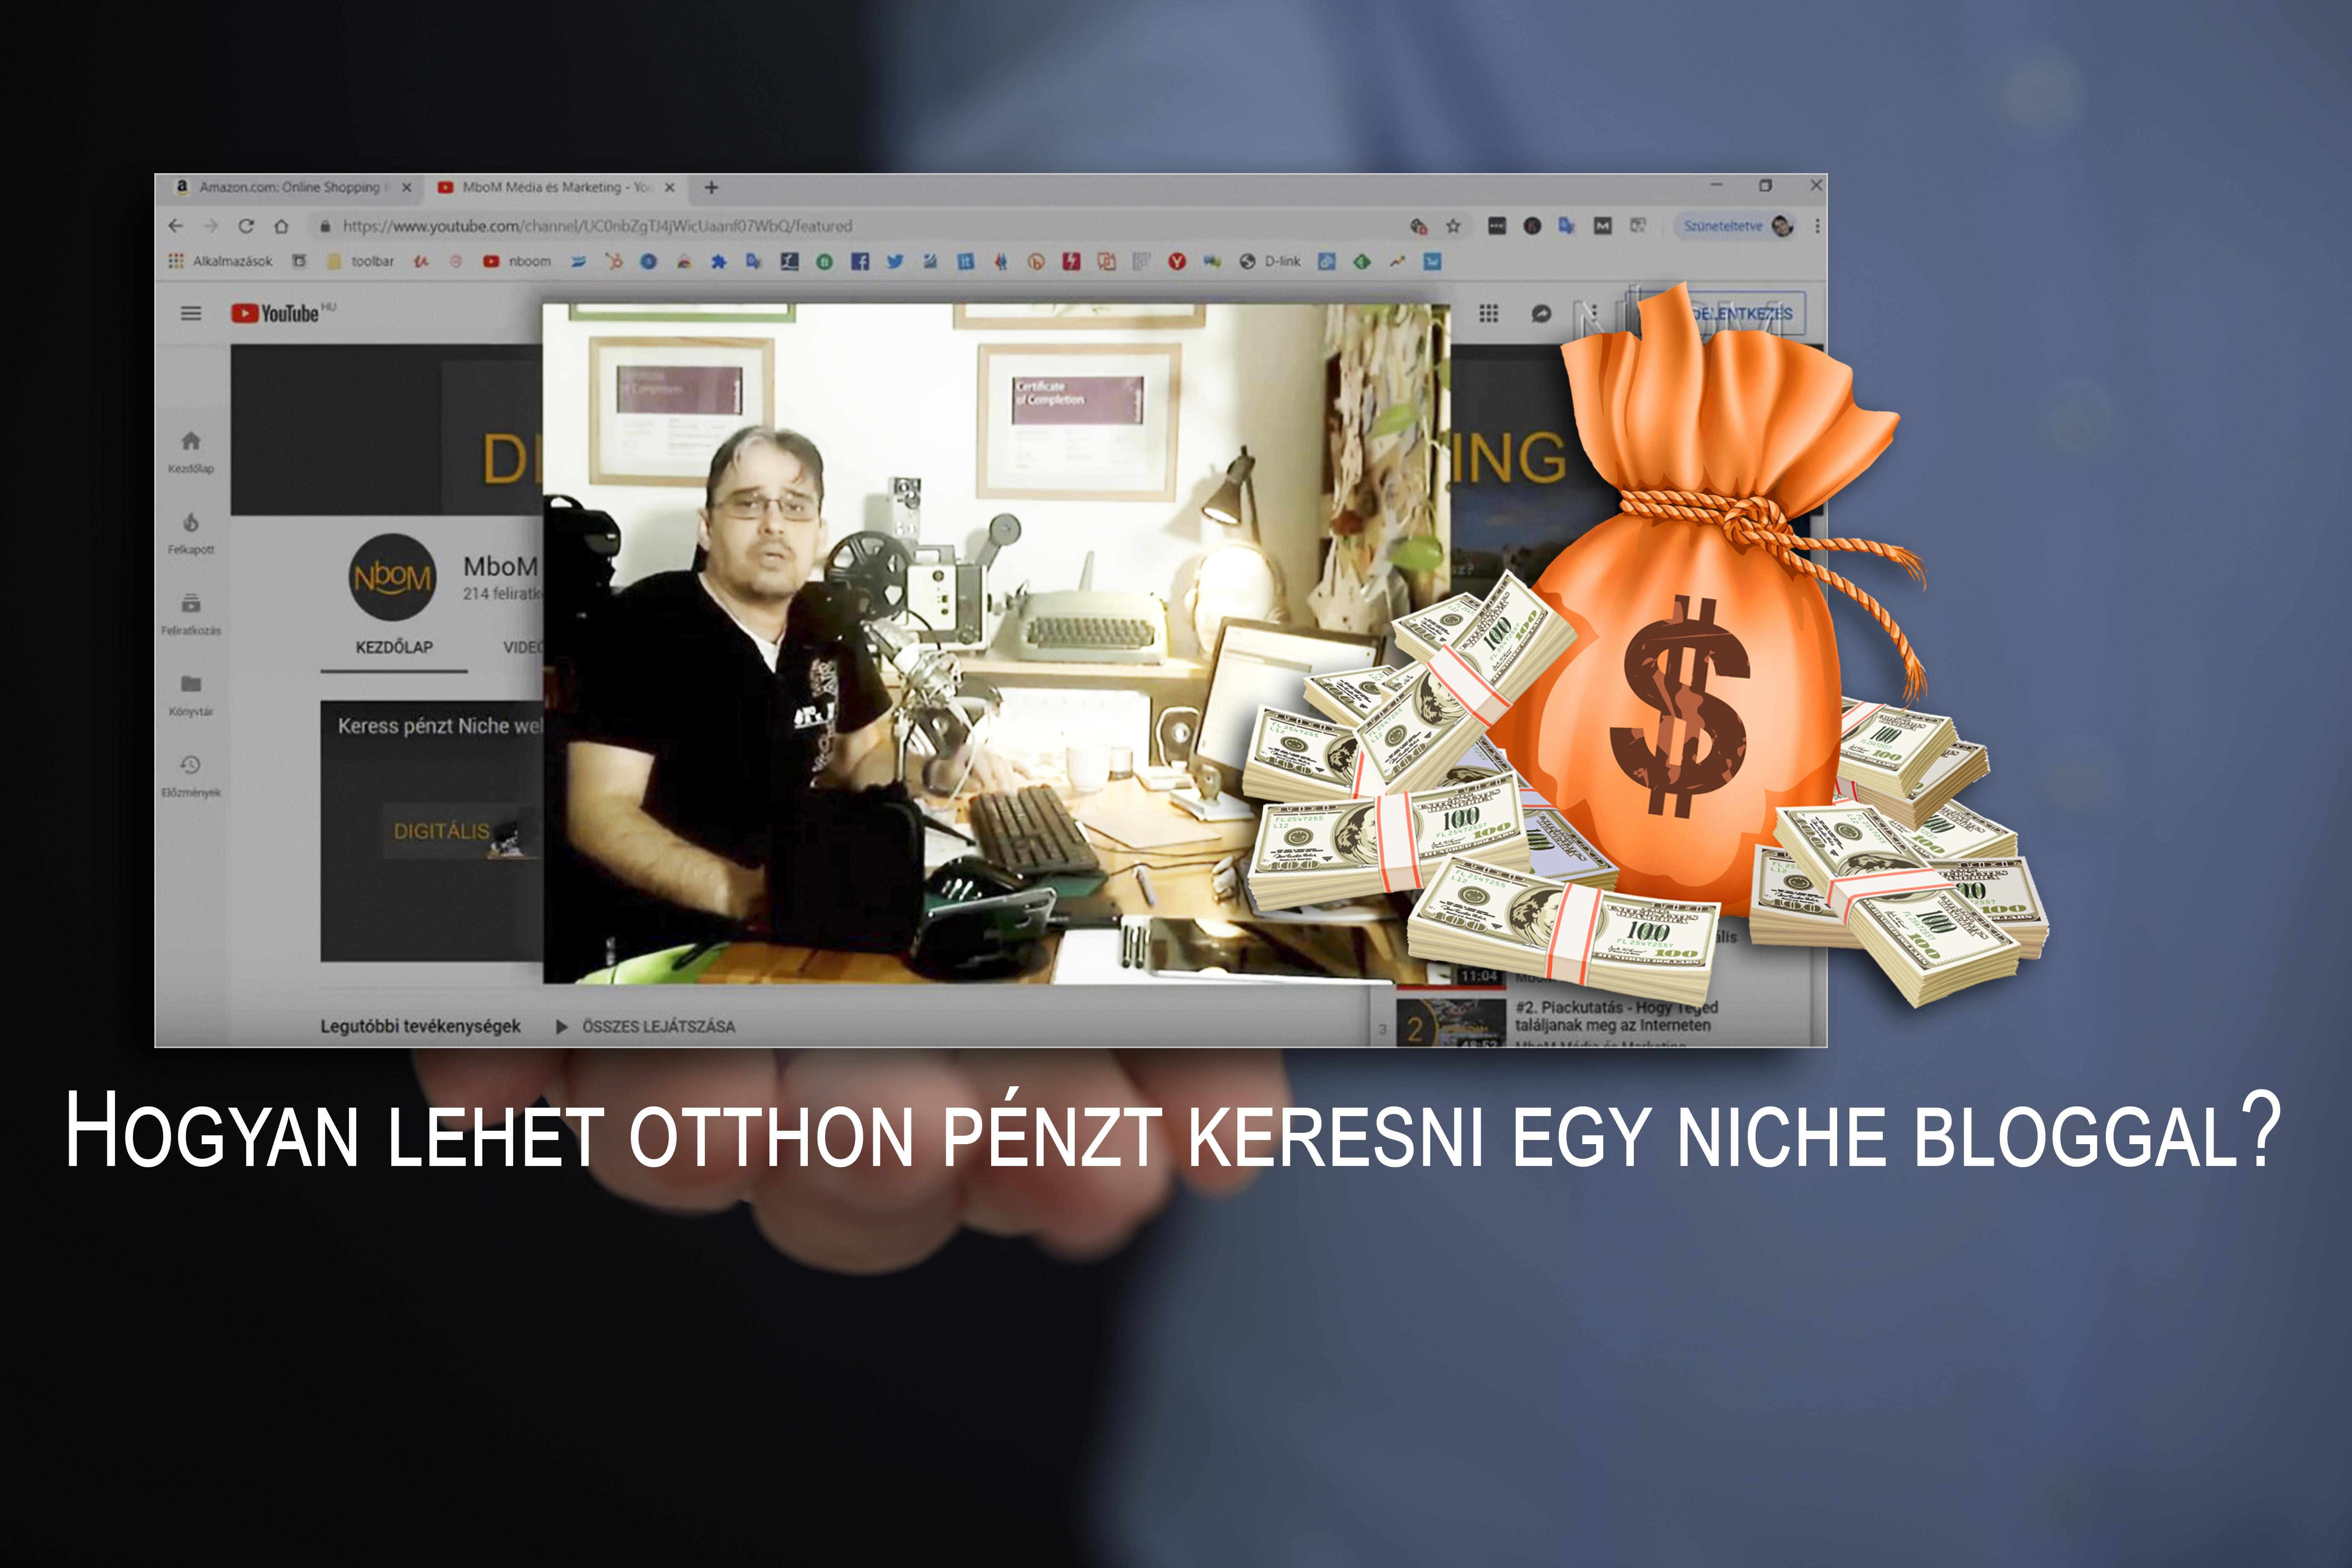 hogyan lehet online pénzt keresni egy szakember számára